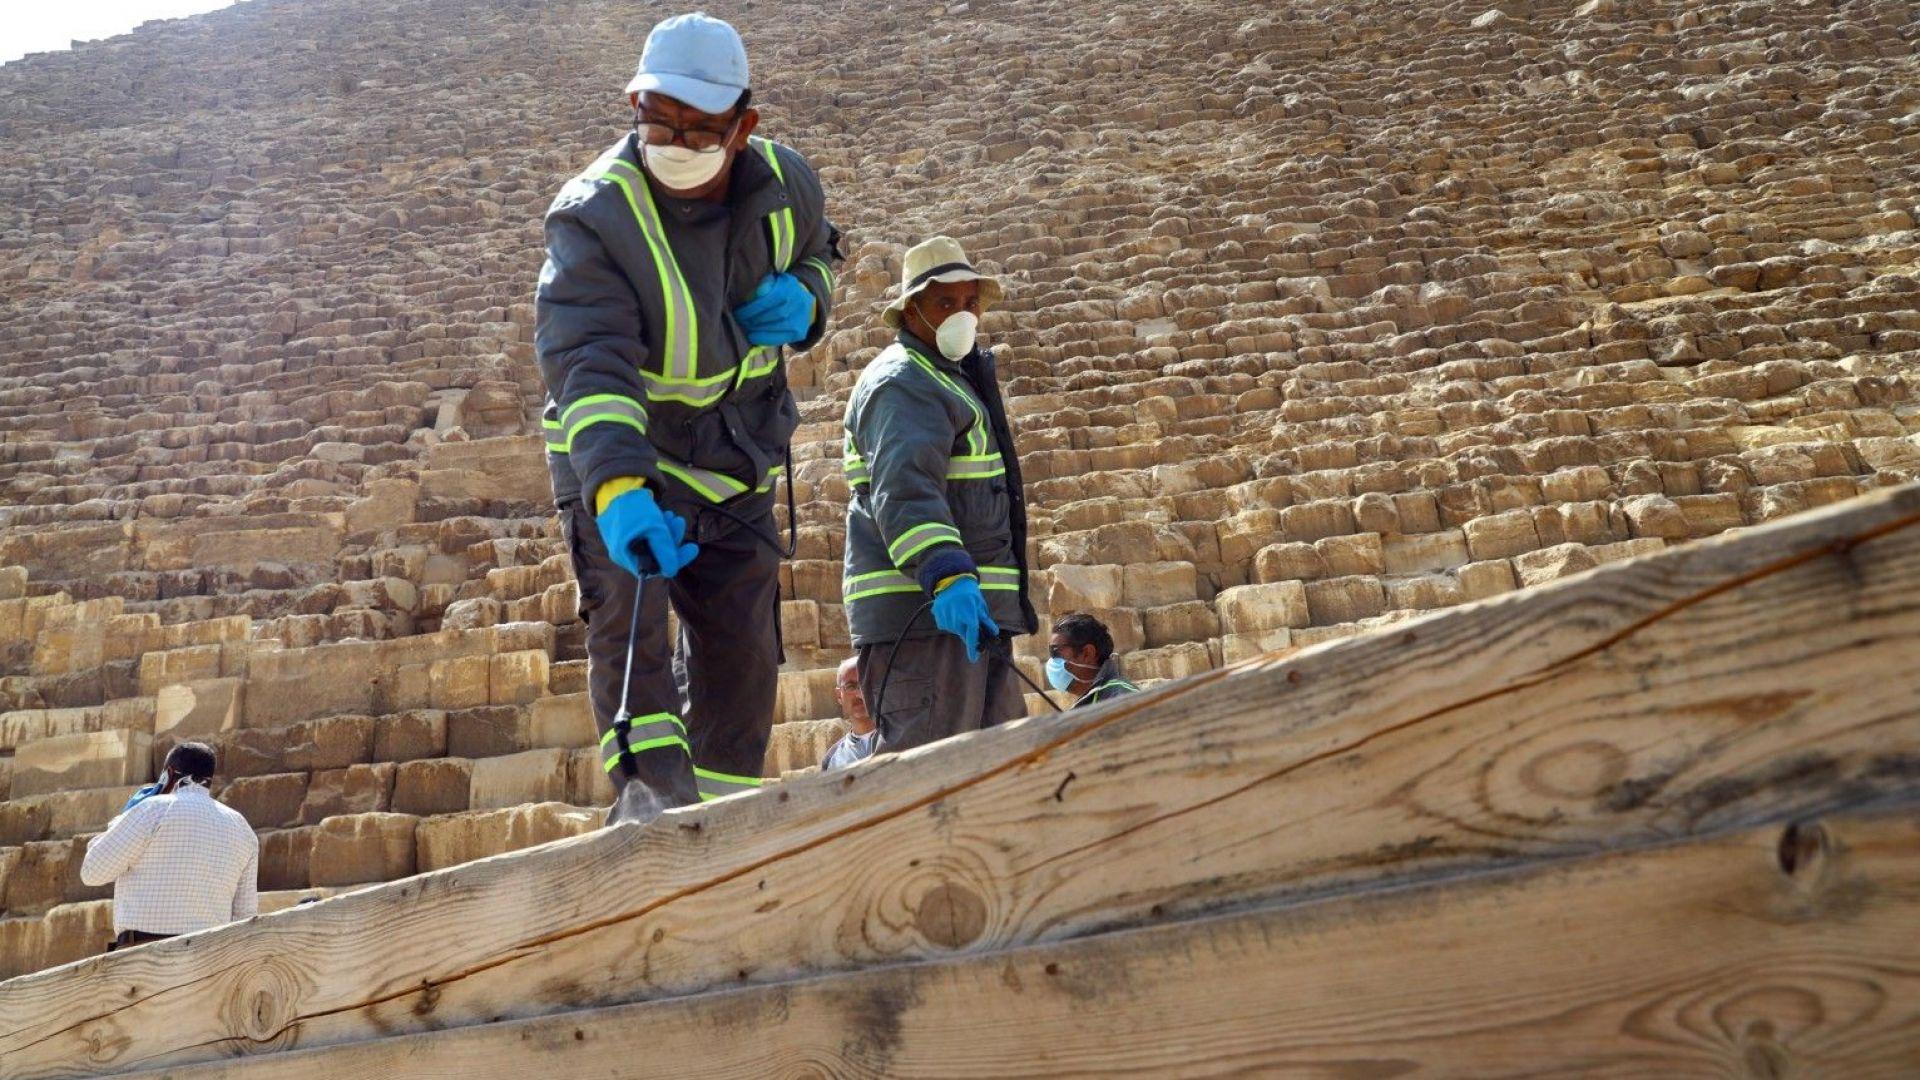 Властите дезинфекцират край пирамидите, докато наоколо няма ни един турист